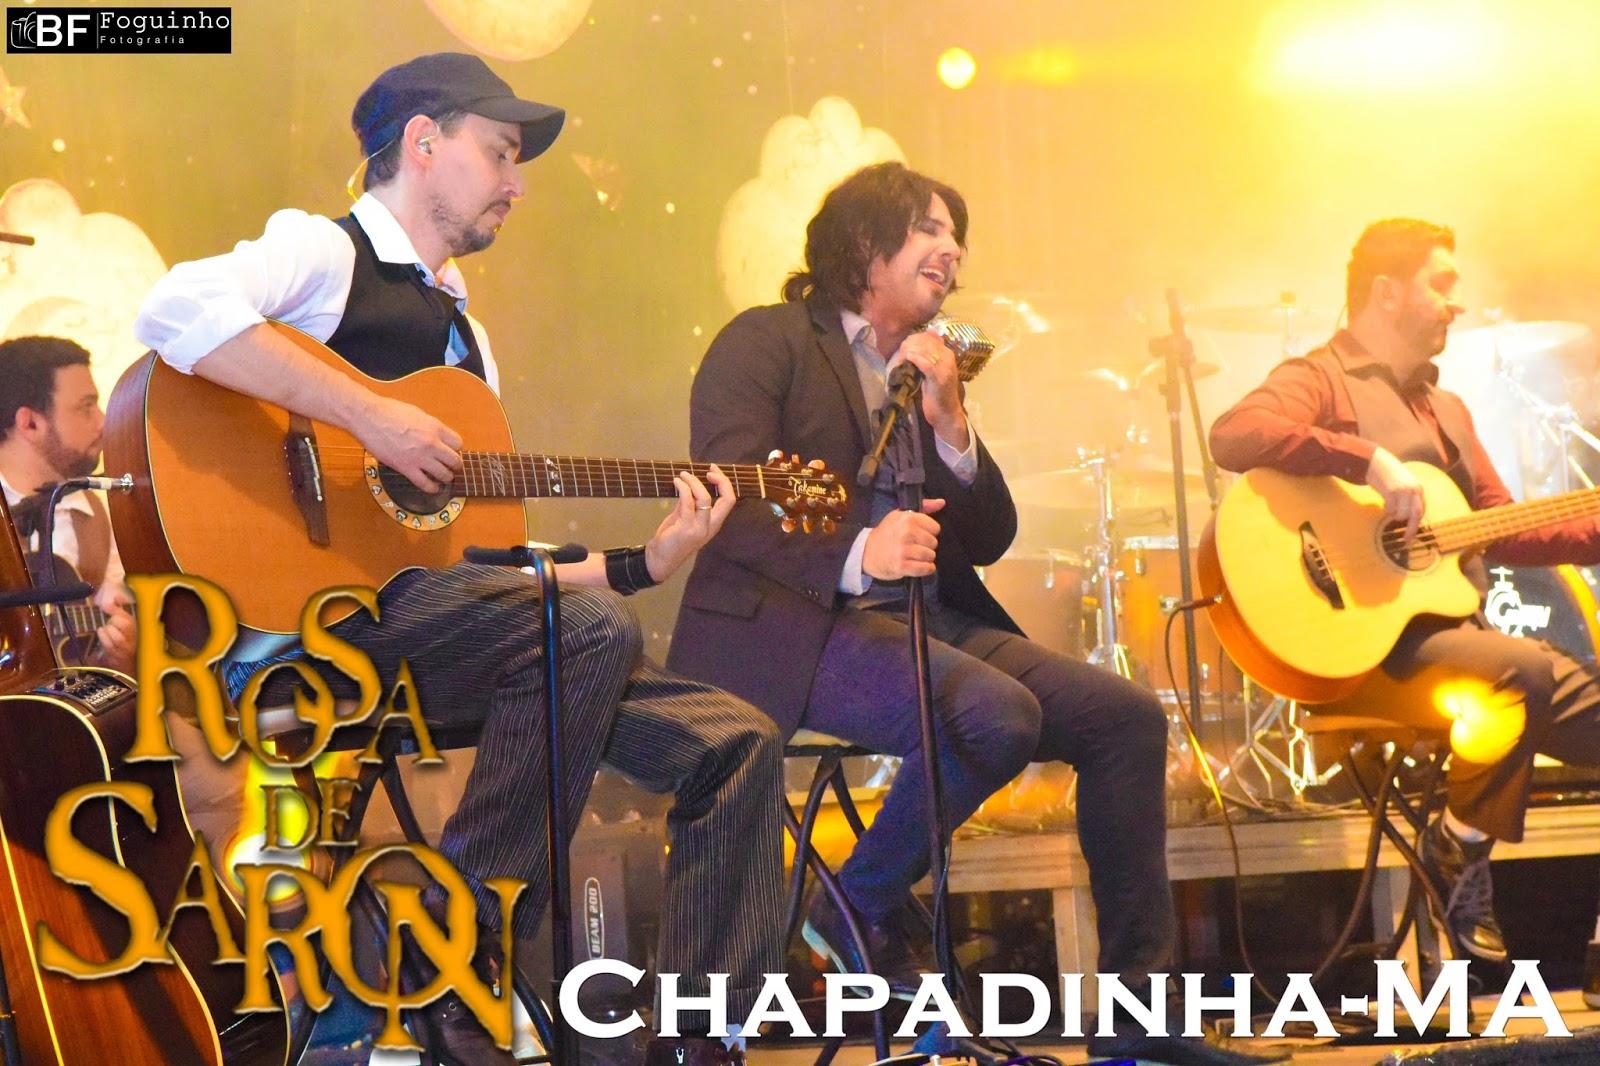 Banda Rosa de Saron faz grande show em Chapadinha.